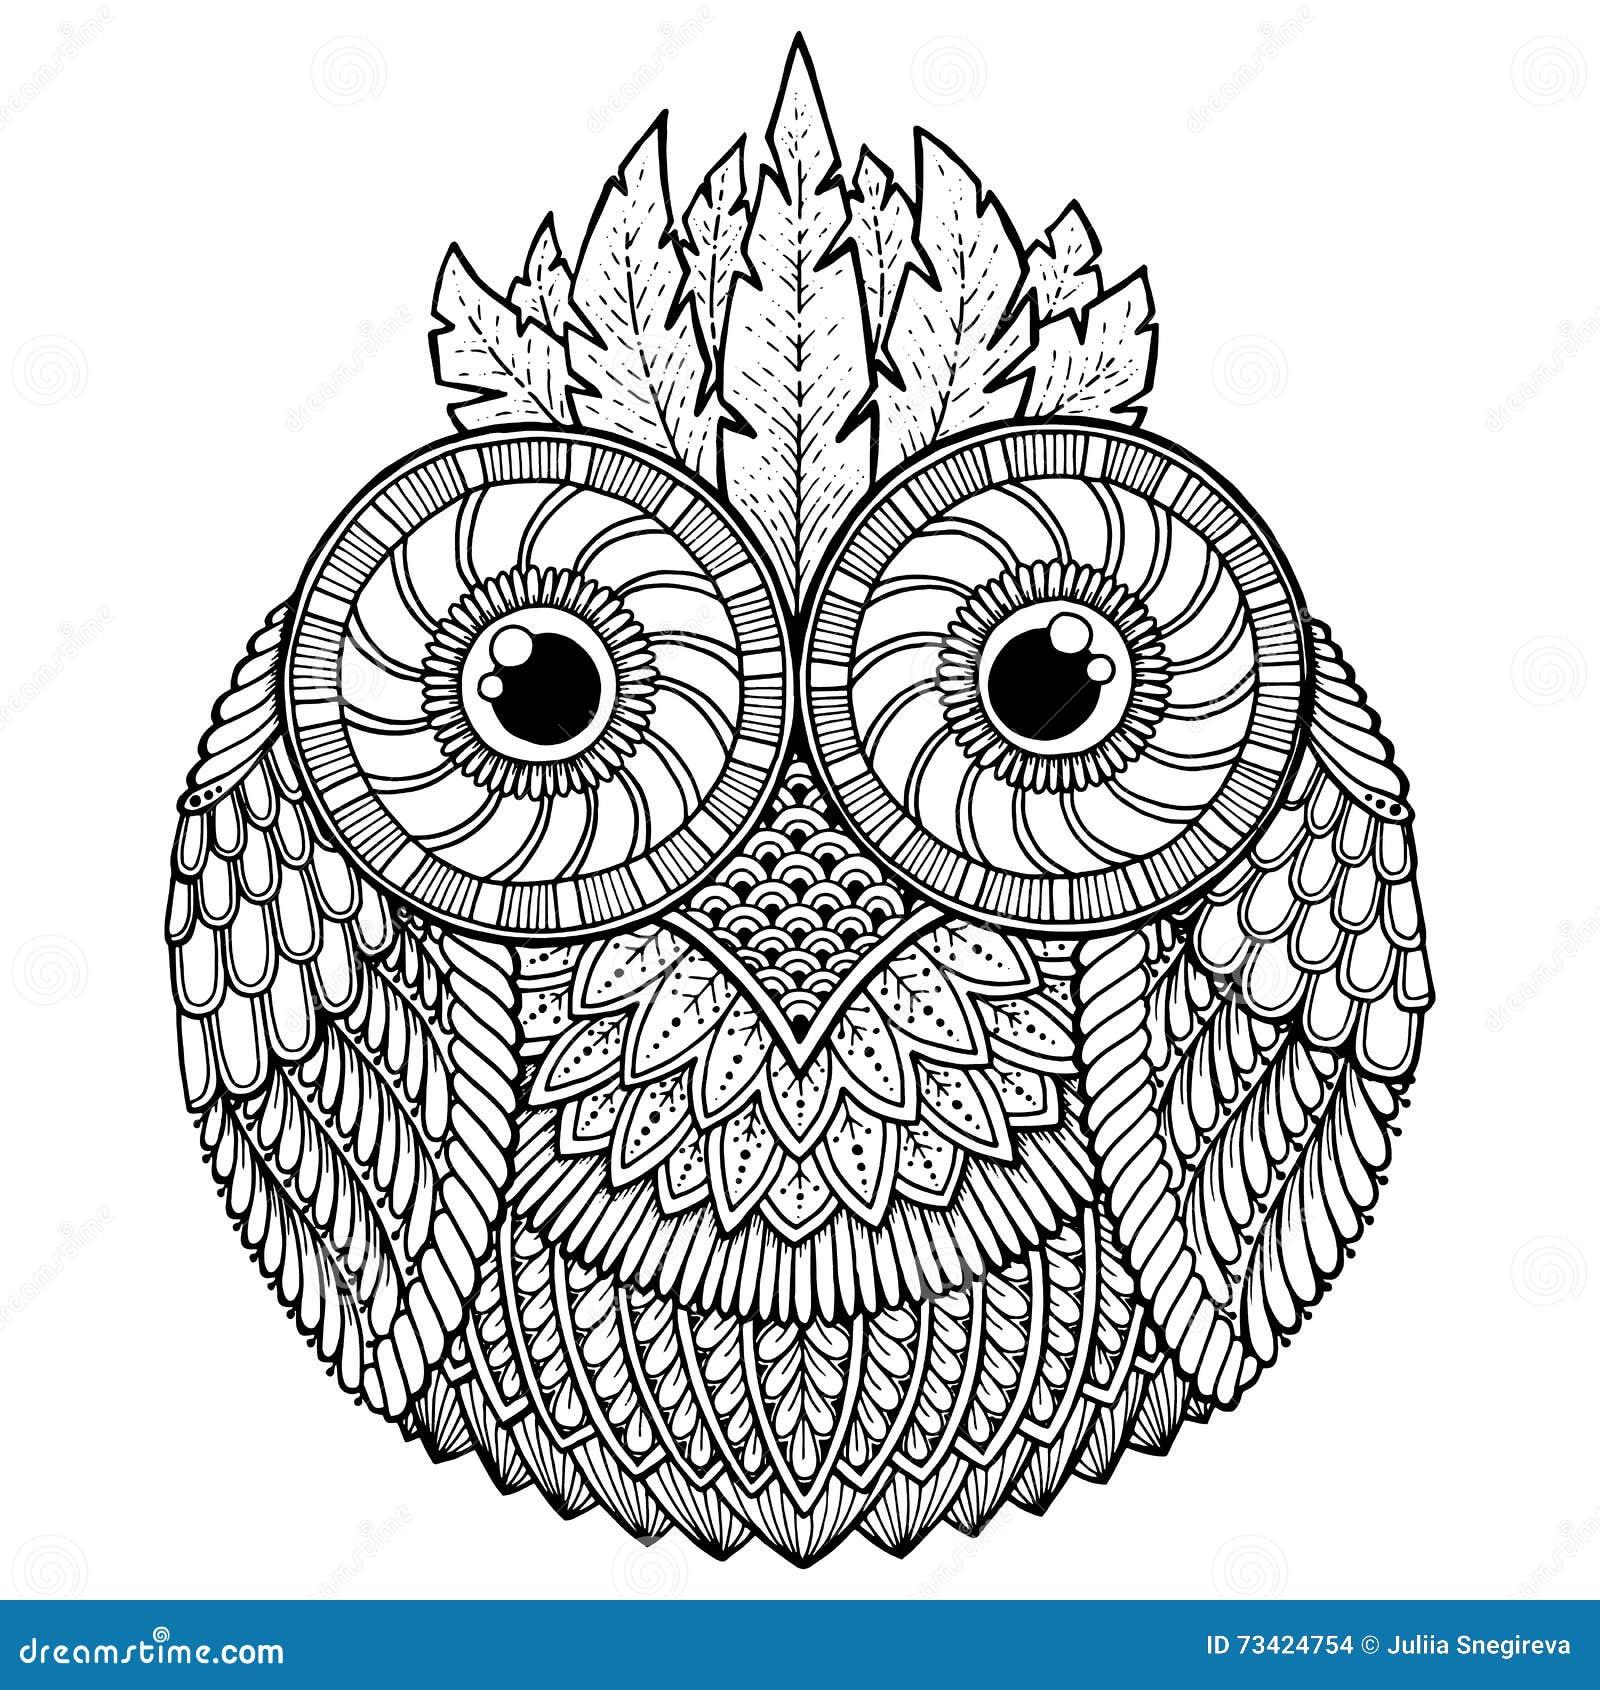 Kleurplaat 23 Jaar Verjaardag Vogelsthema Uil Zwart Witte Mandala Met Abstract Etnisch